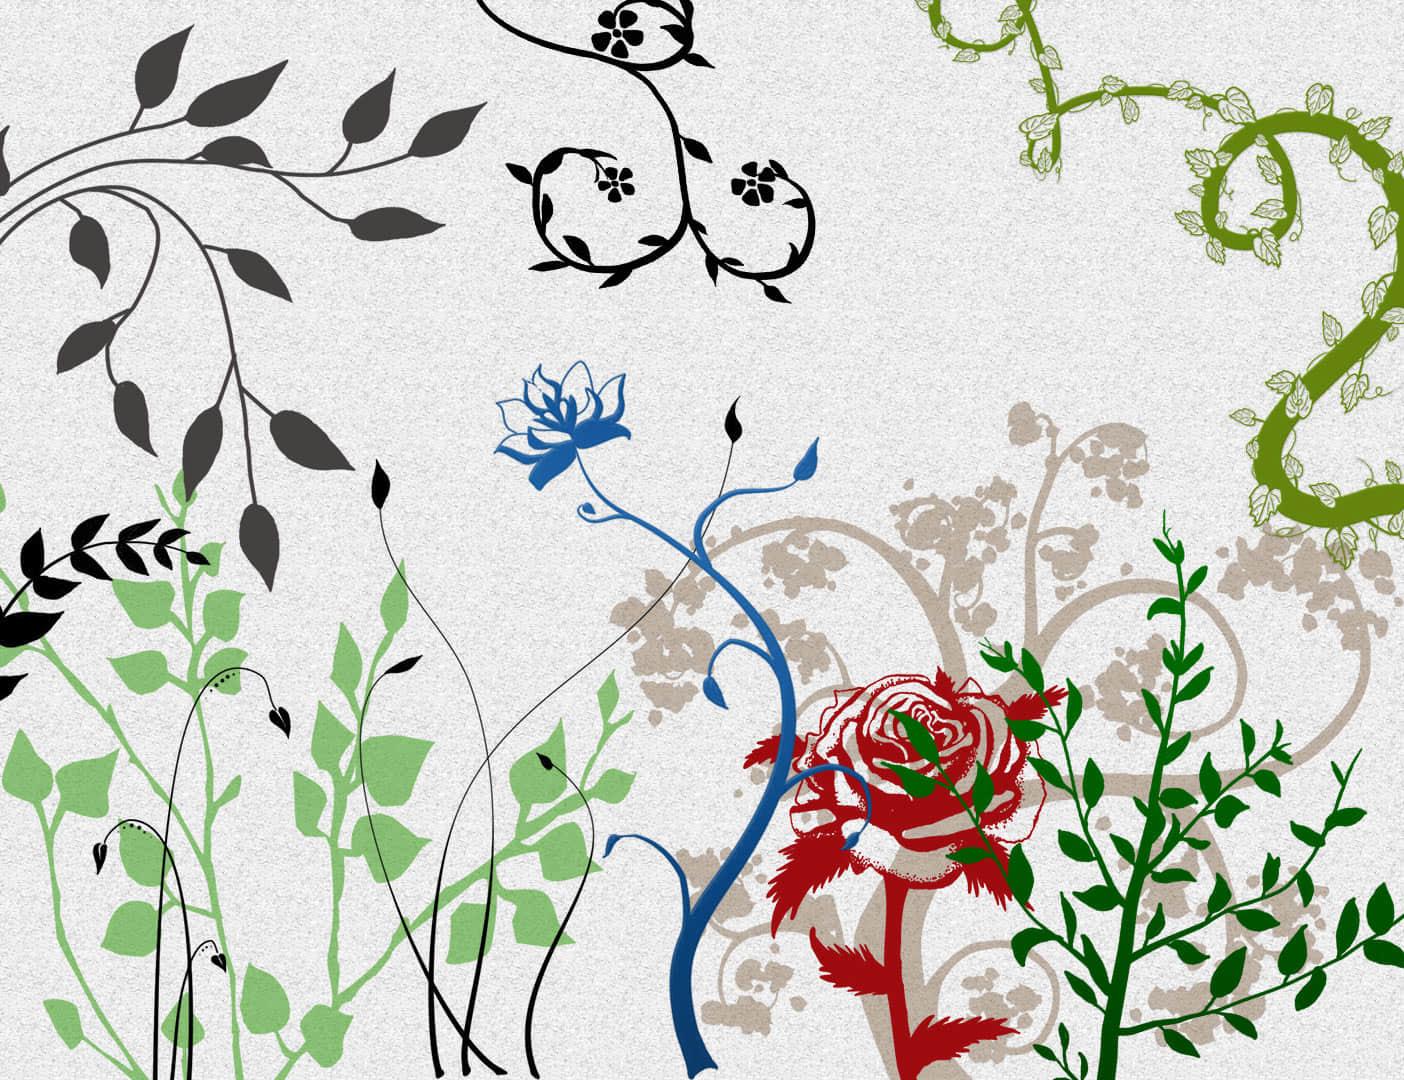 漂亮的艺术植物花纹图案Photoshop笔刷素材下载 艺术花纹笔刷 植物花纹笔刷  flowers brushes